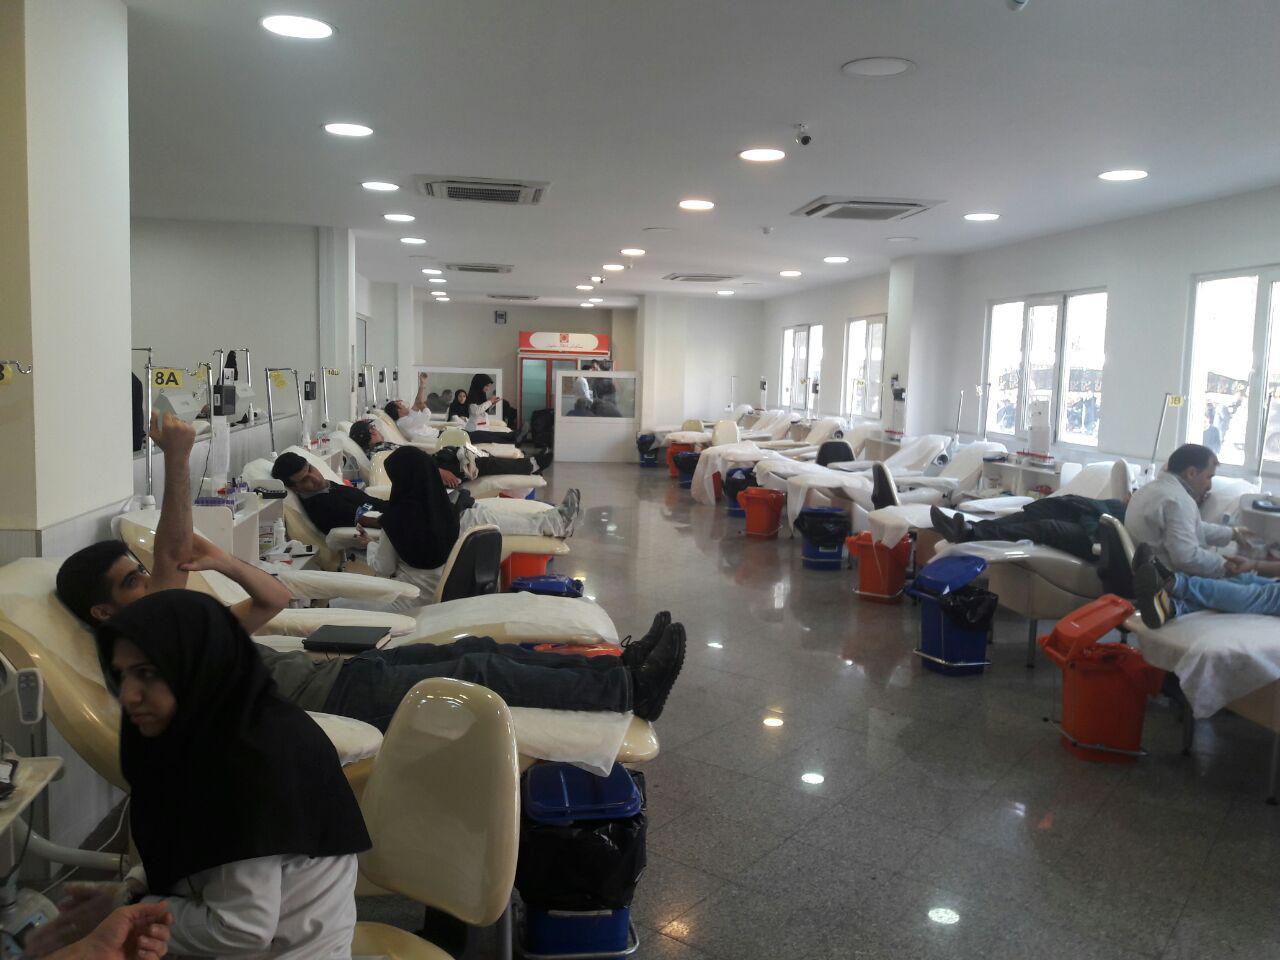 حضور خودجوش تهرانیها برای اهدای خون به زلزلهزدگان + تصاویر